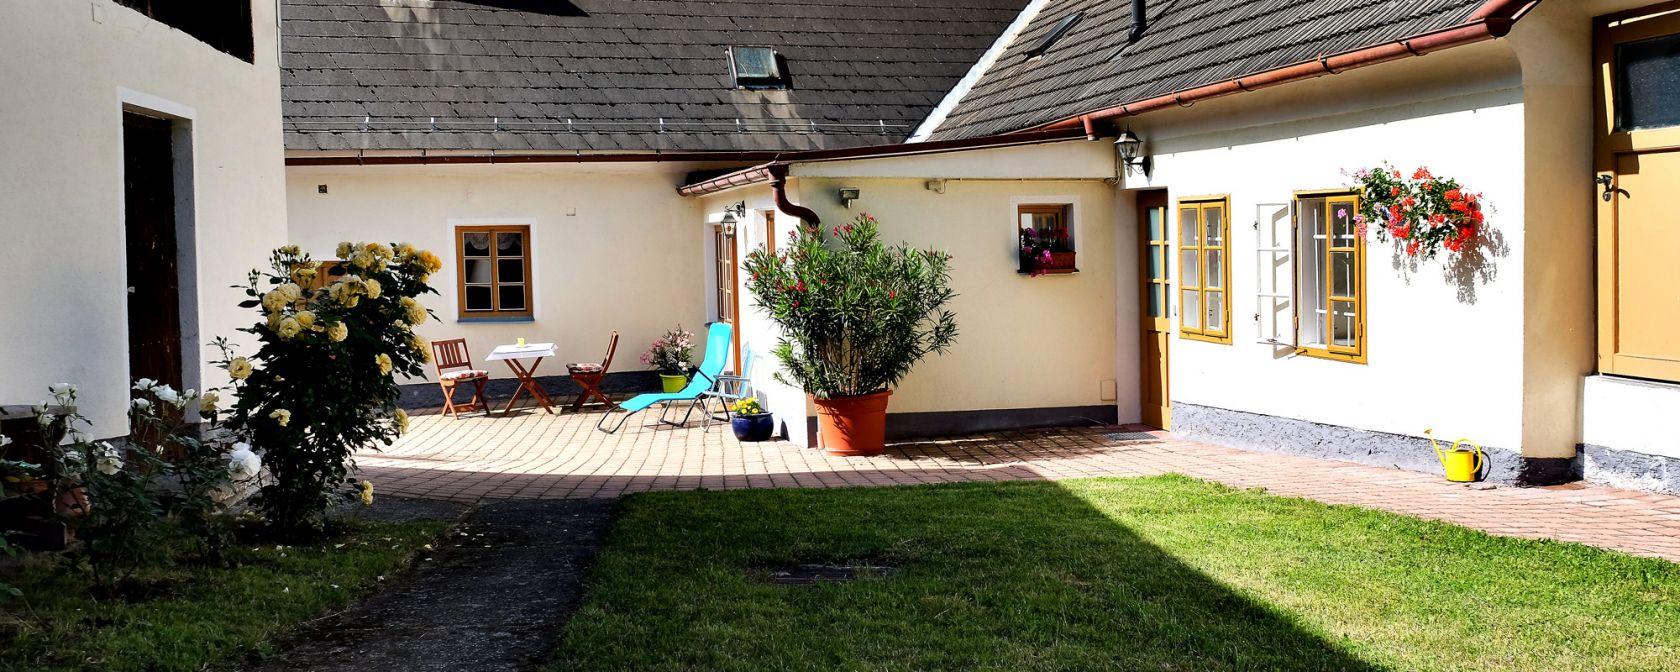 Thayarunde-Ferienhaus Thayahof – Christa und Josef Temper